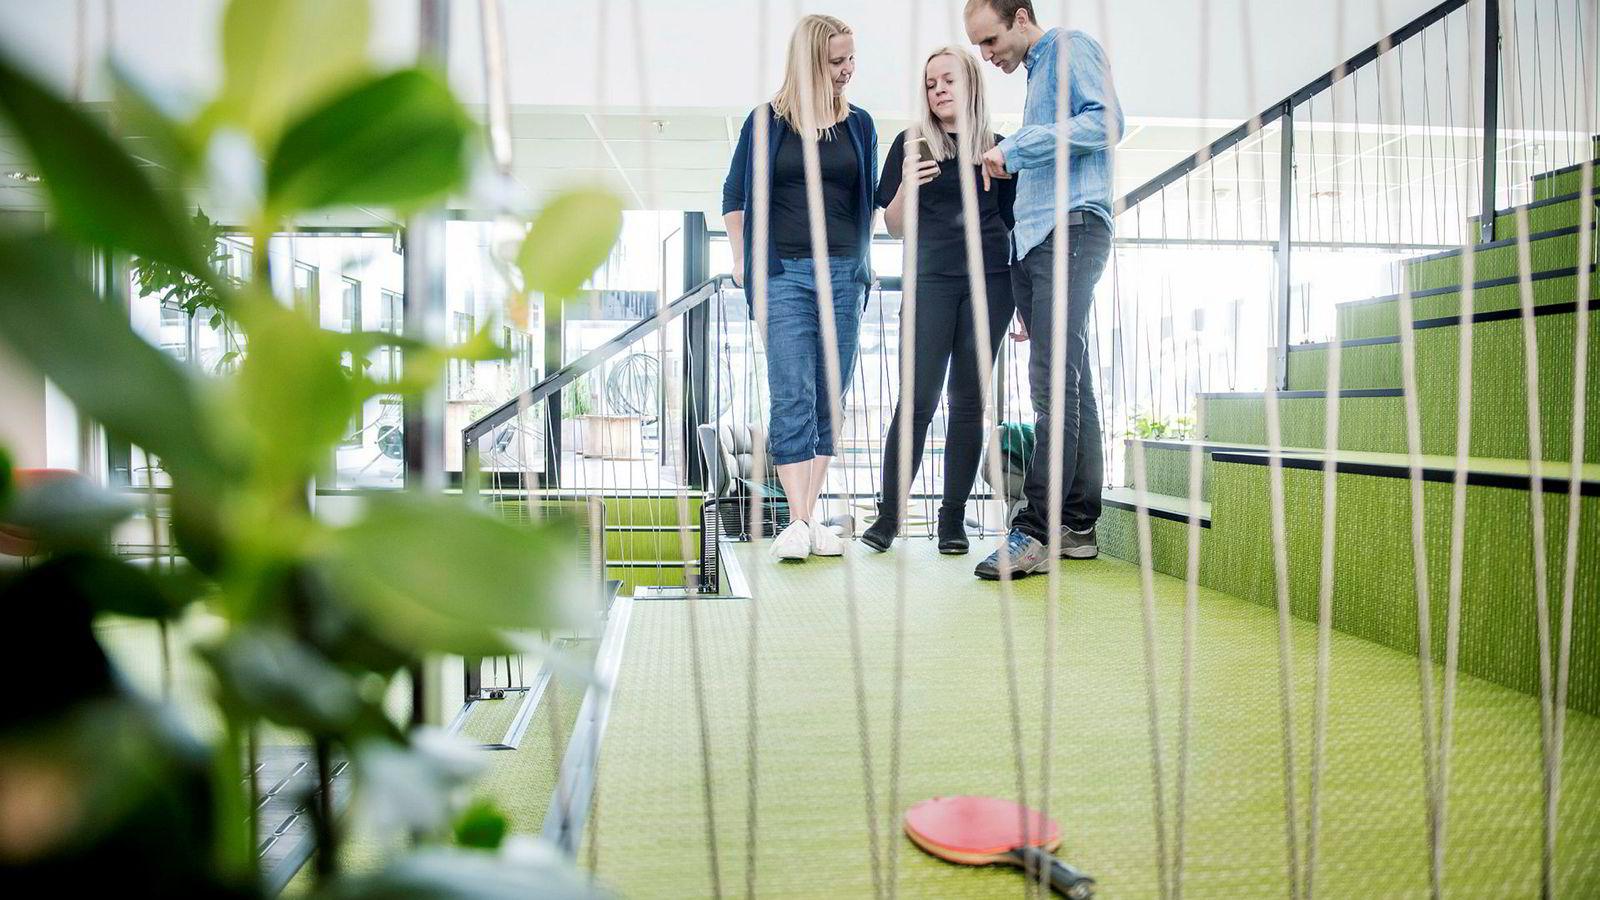 Mads Simonsen (t.h.) sa opp oljeingeniør-jobben for å grunnlegge miljø-startupen Ducky. Her står han med Guro Thue Unsgård (t.v.) og Nina Eklo Kjesbu fra Norconsult og viser hvordan miljøappen hans fungerer.